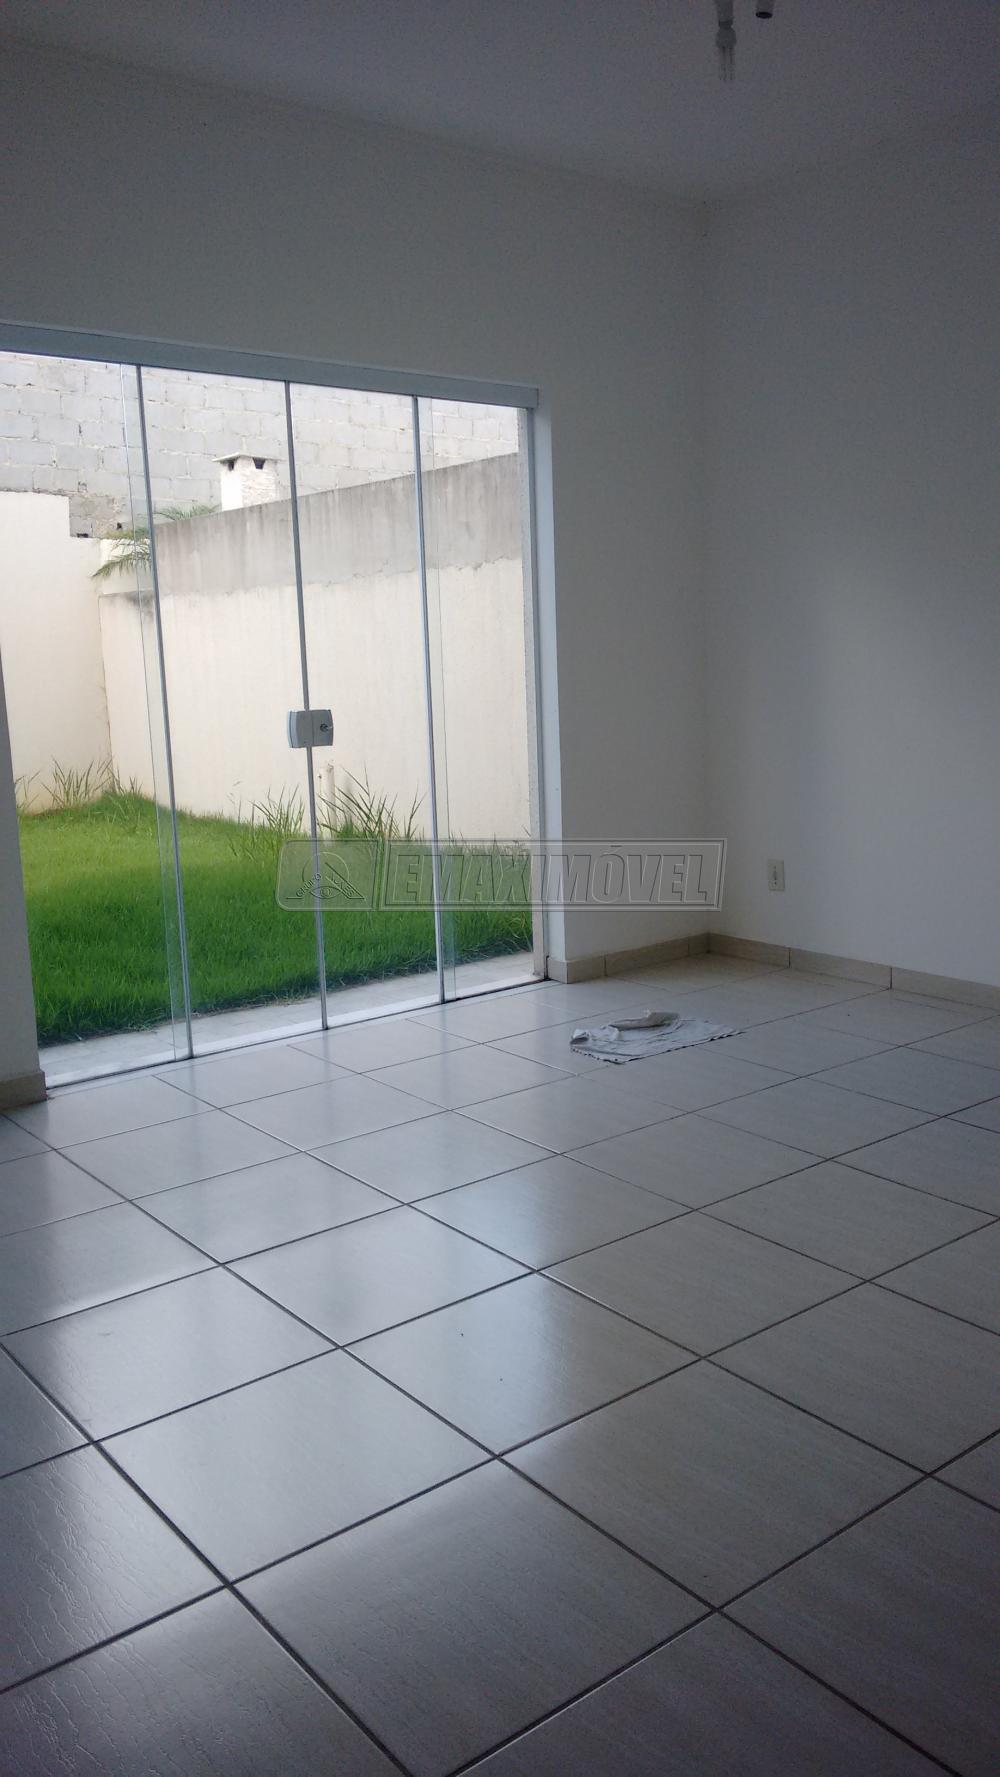 Comprar Casas / em Condomínios em Sorocaba apenas R$ 420.000,00 - Foto 12